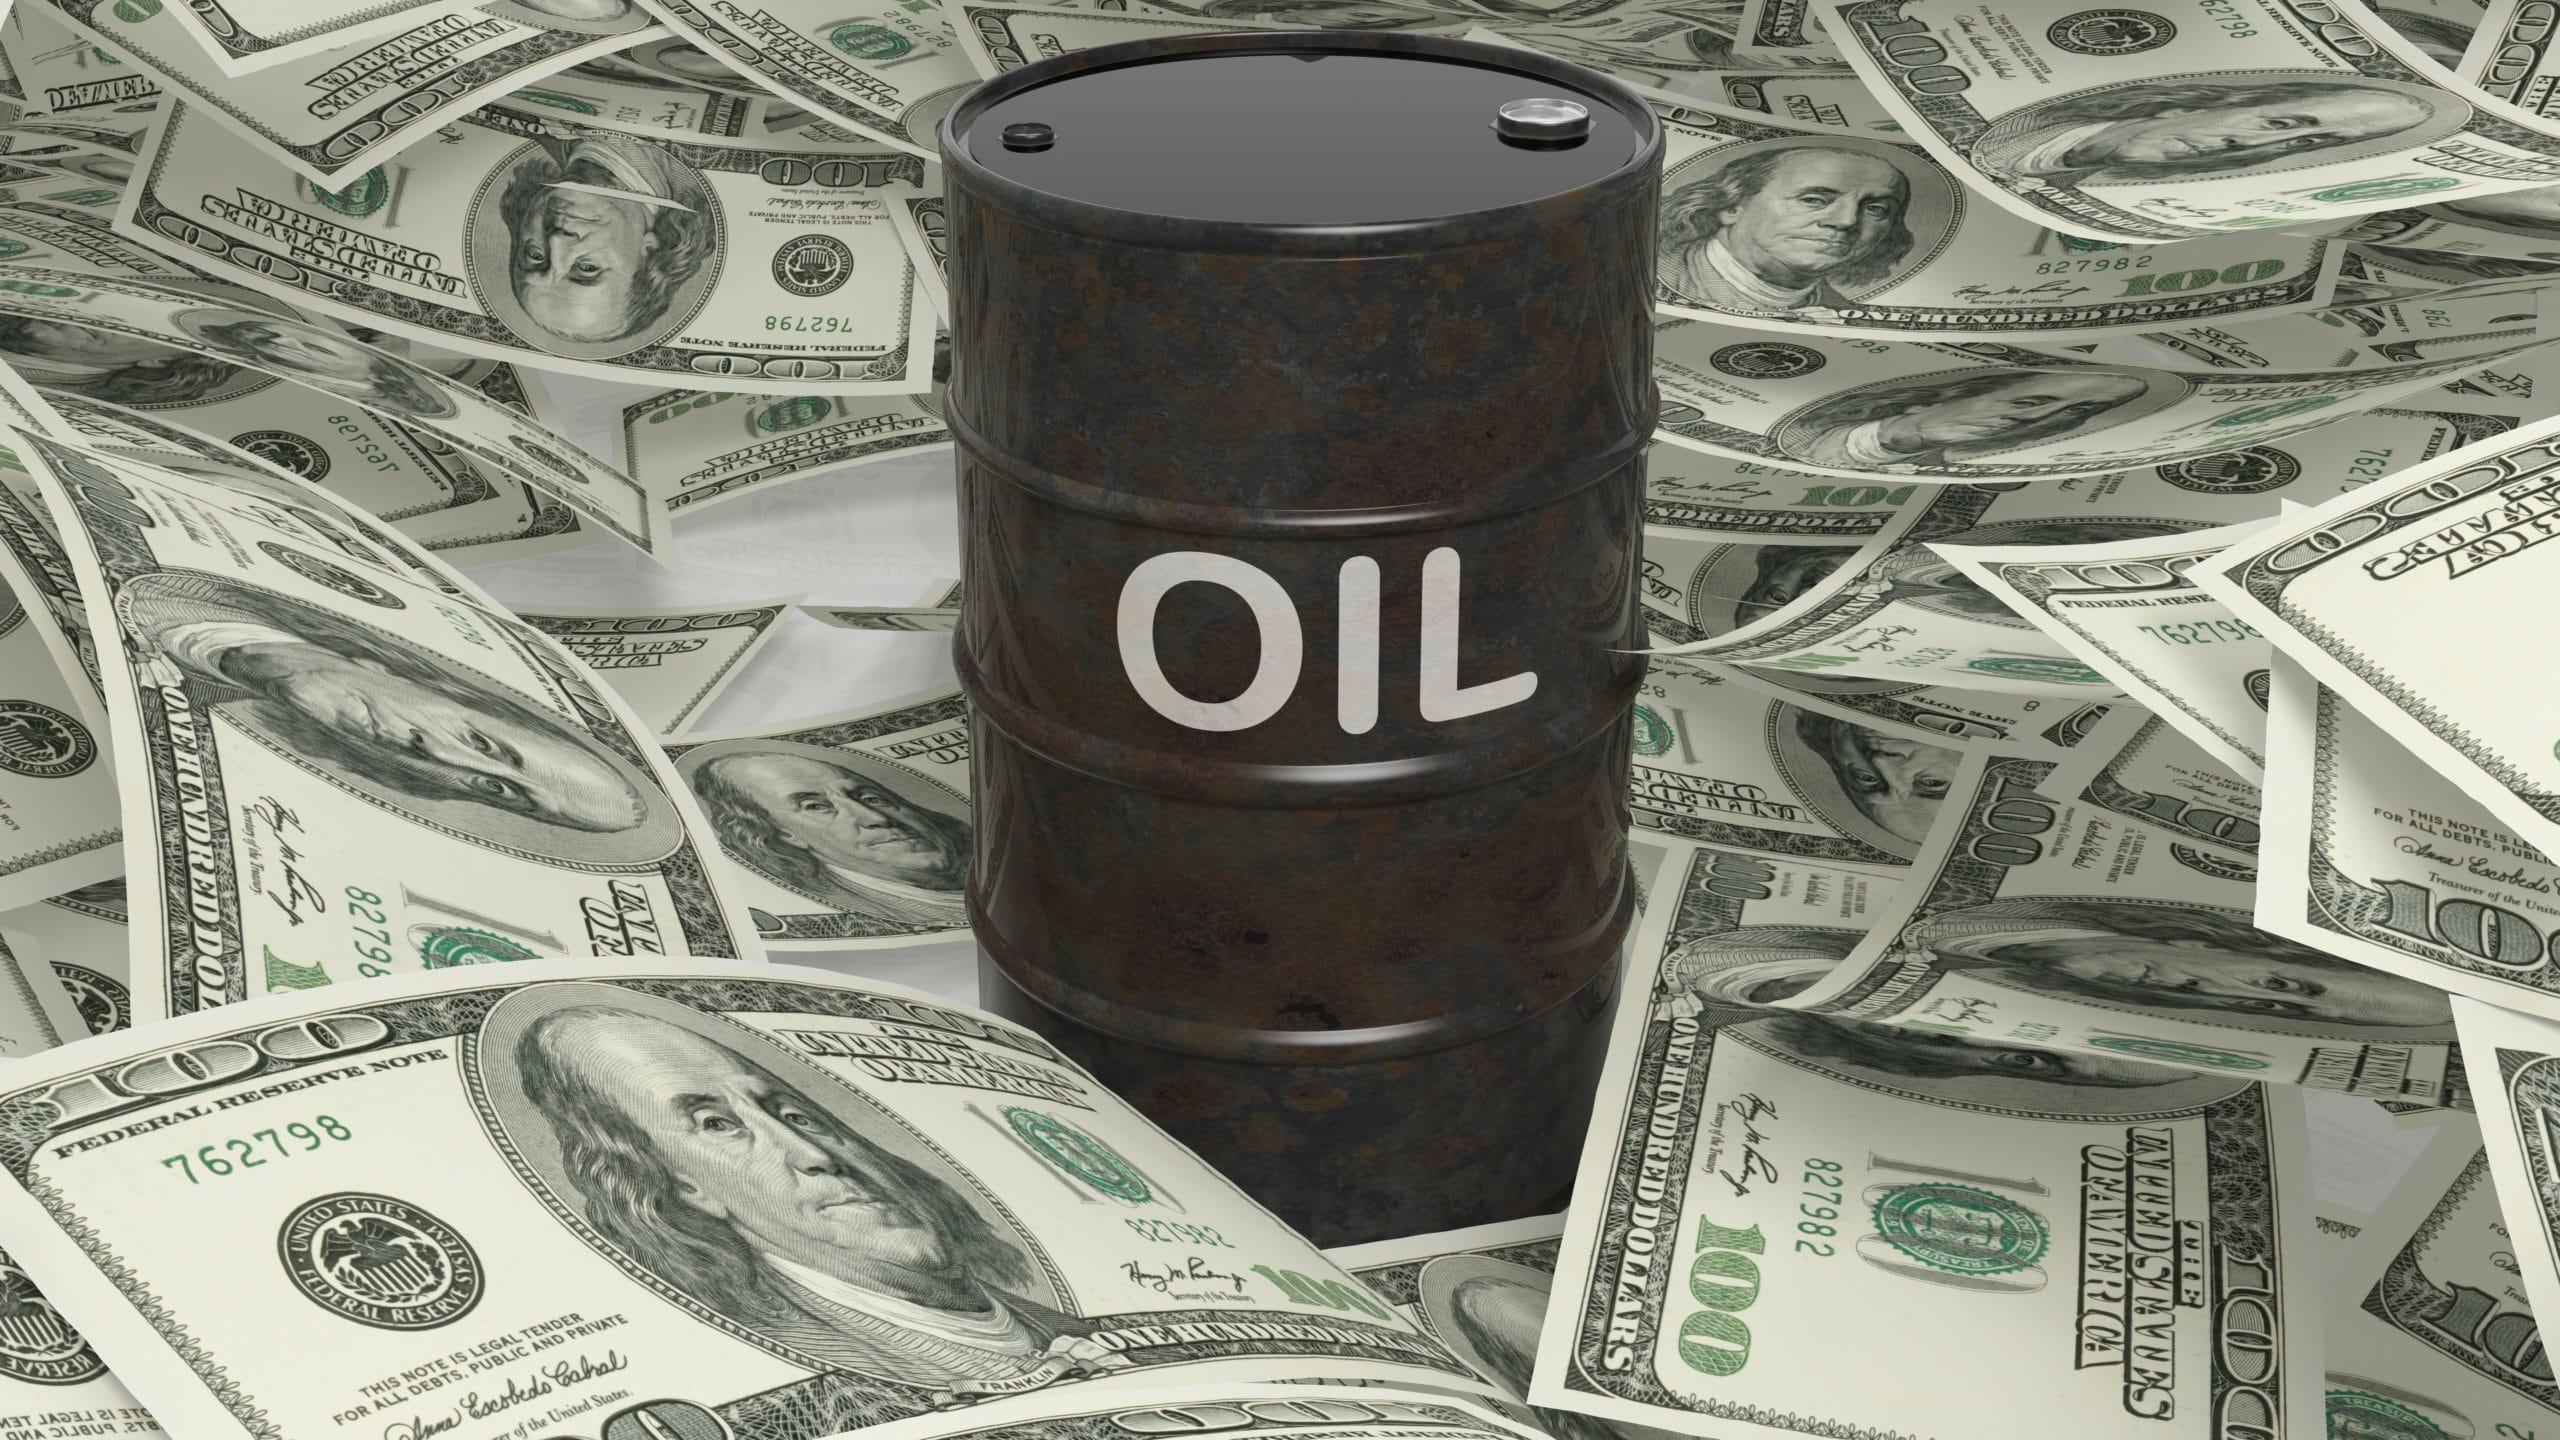 النفط مهيأ لأكبر خسارة أسبوعية منذ أوائل أبريل، مع عودة تفشي فيروس كورونا